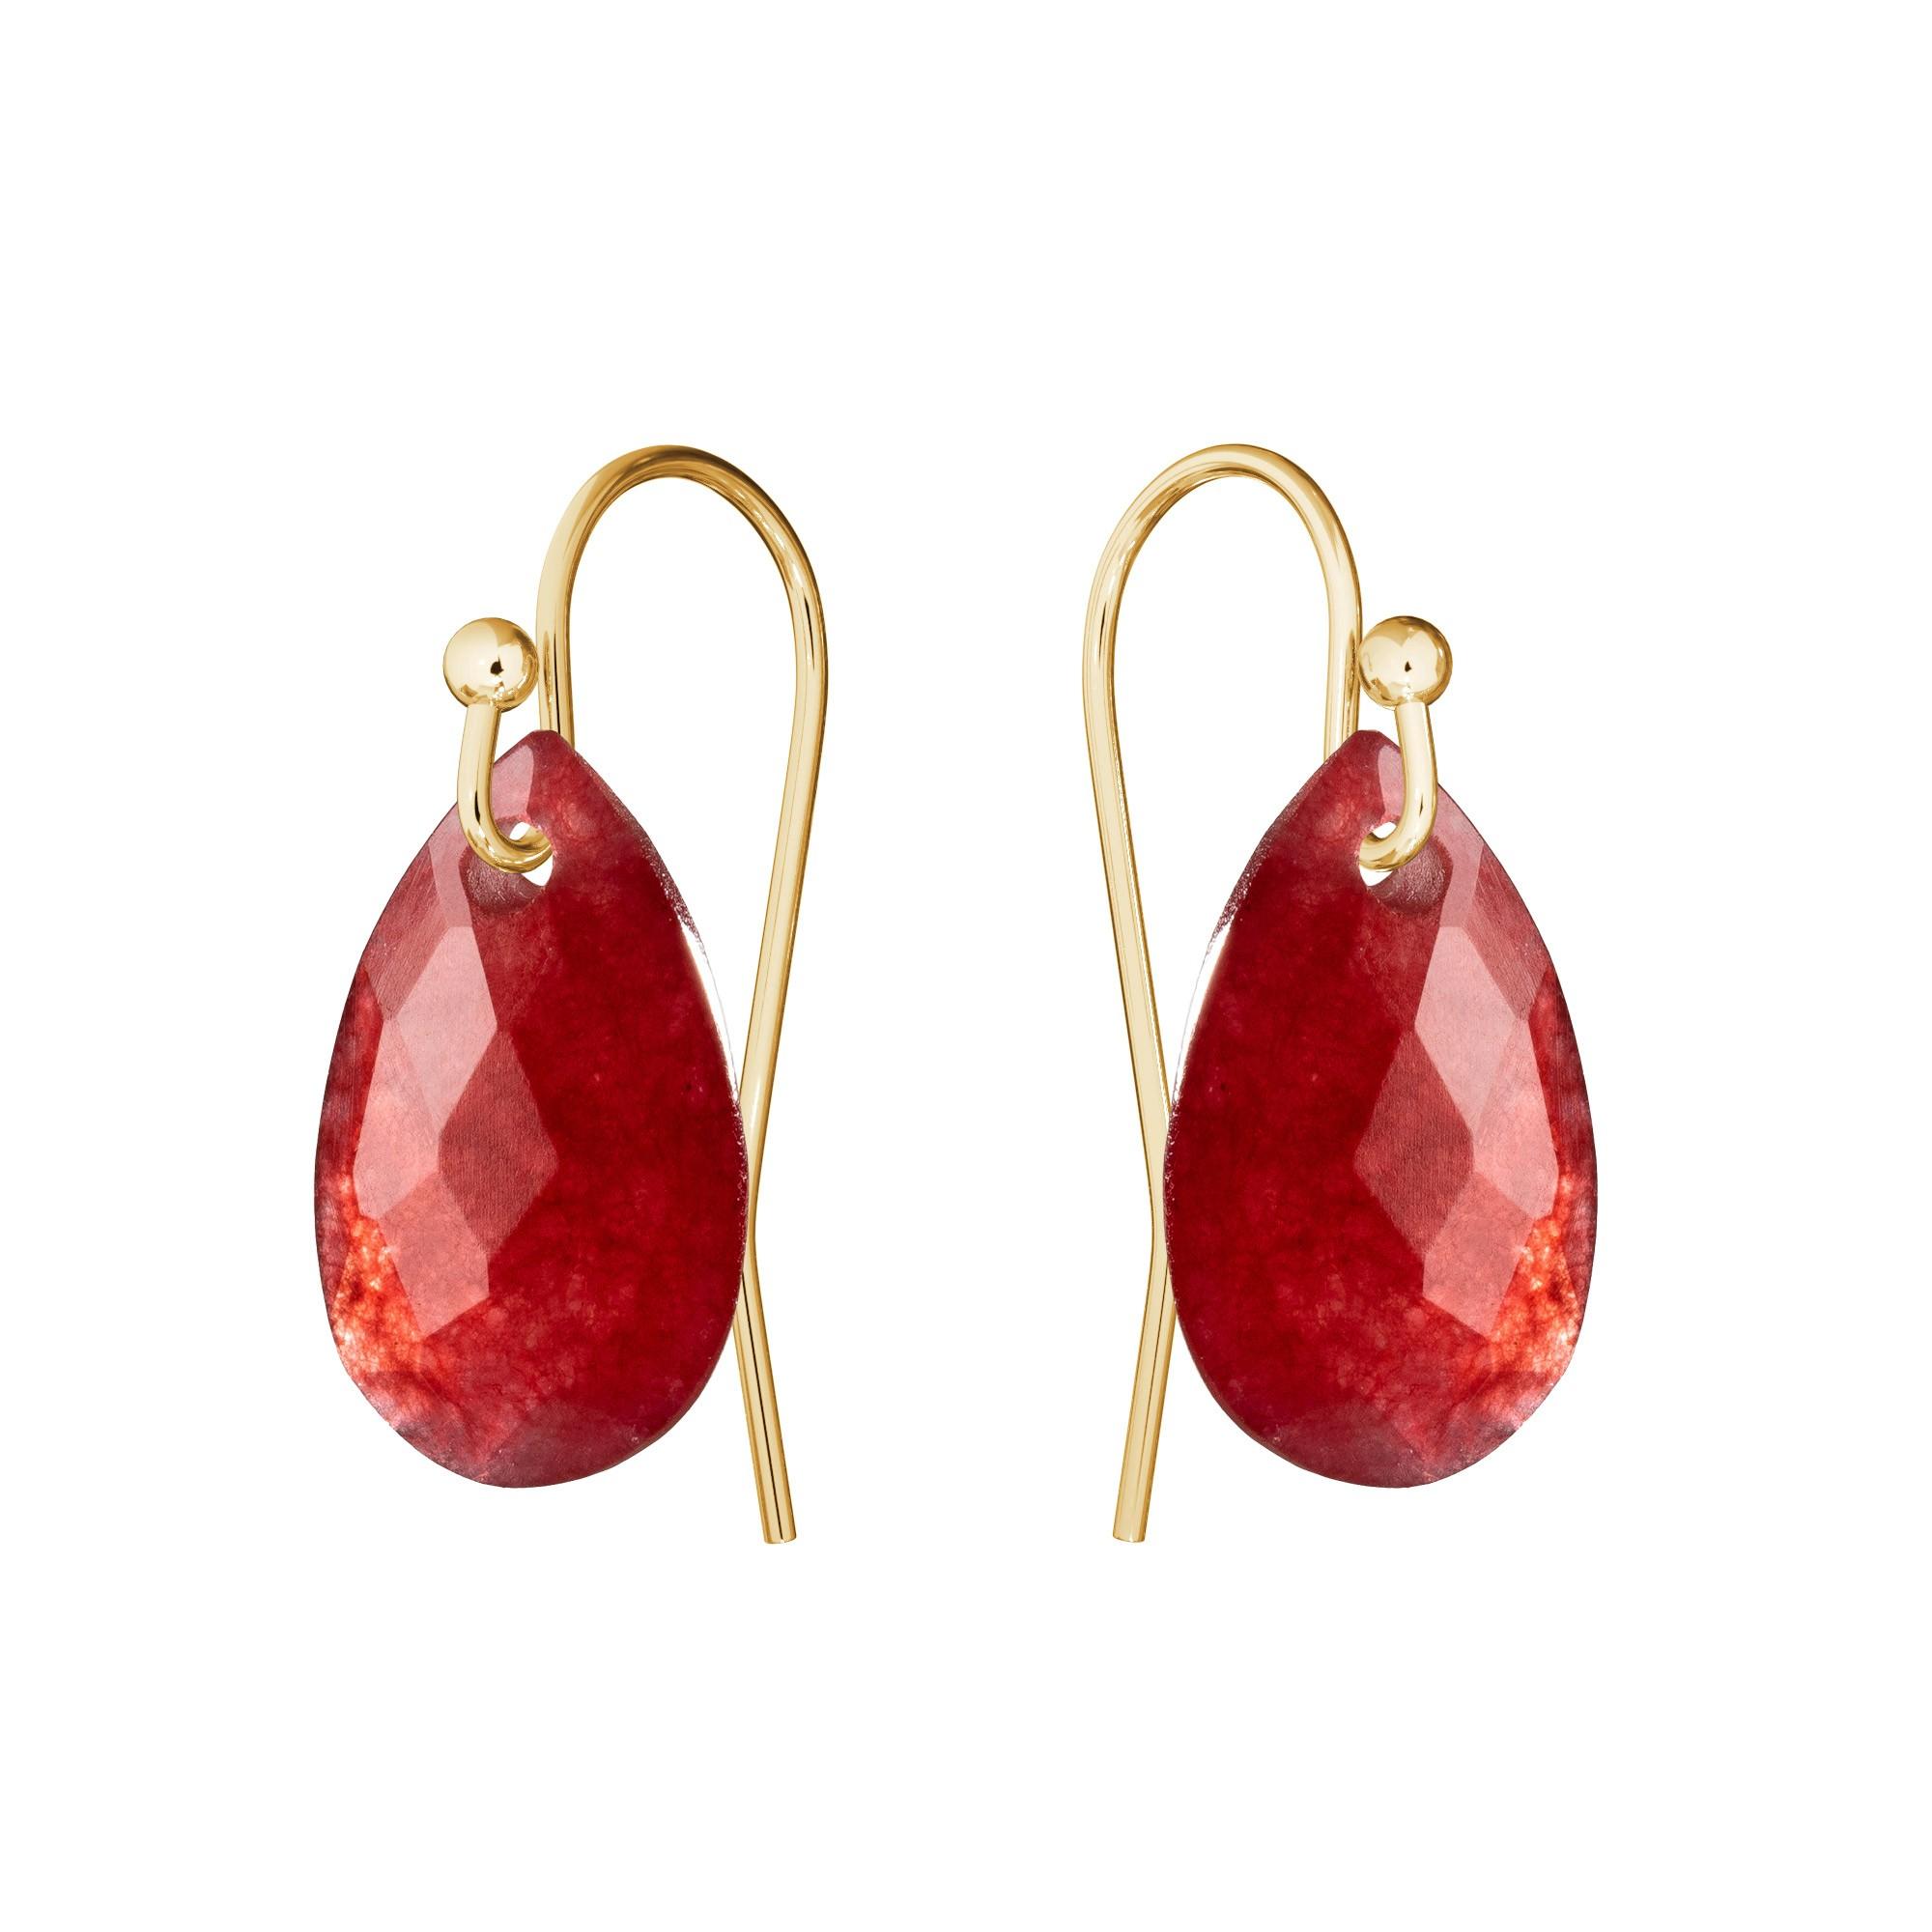 Delikatne kolczyki z naturalnym kamieniem Gavbari, złoto 585